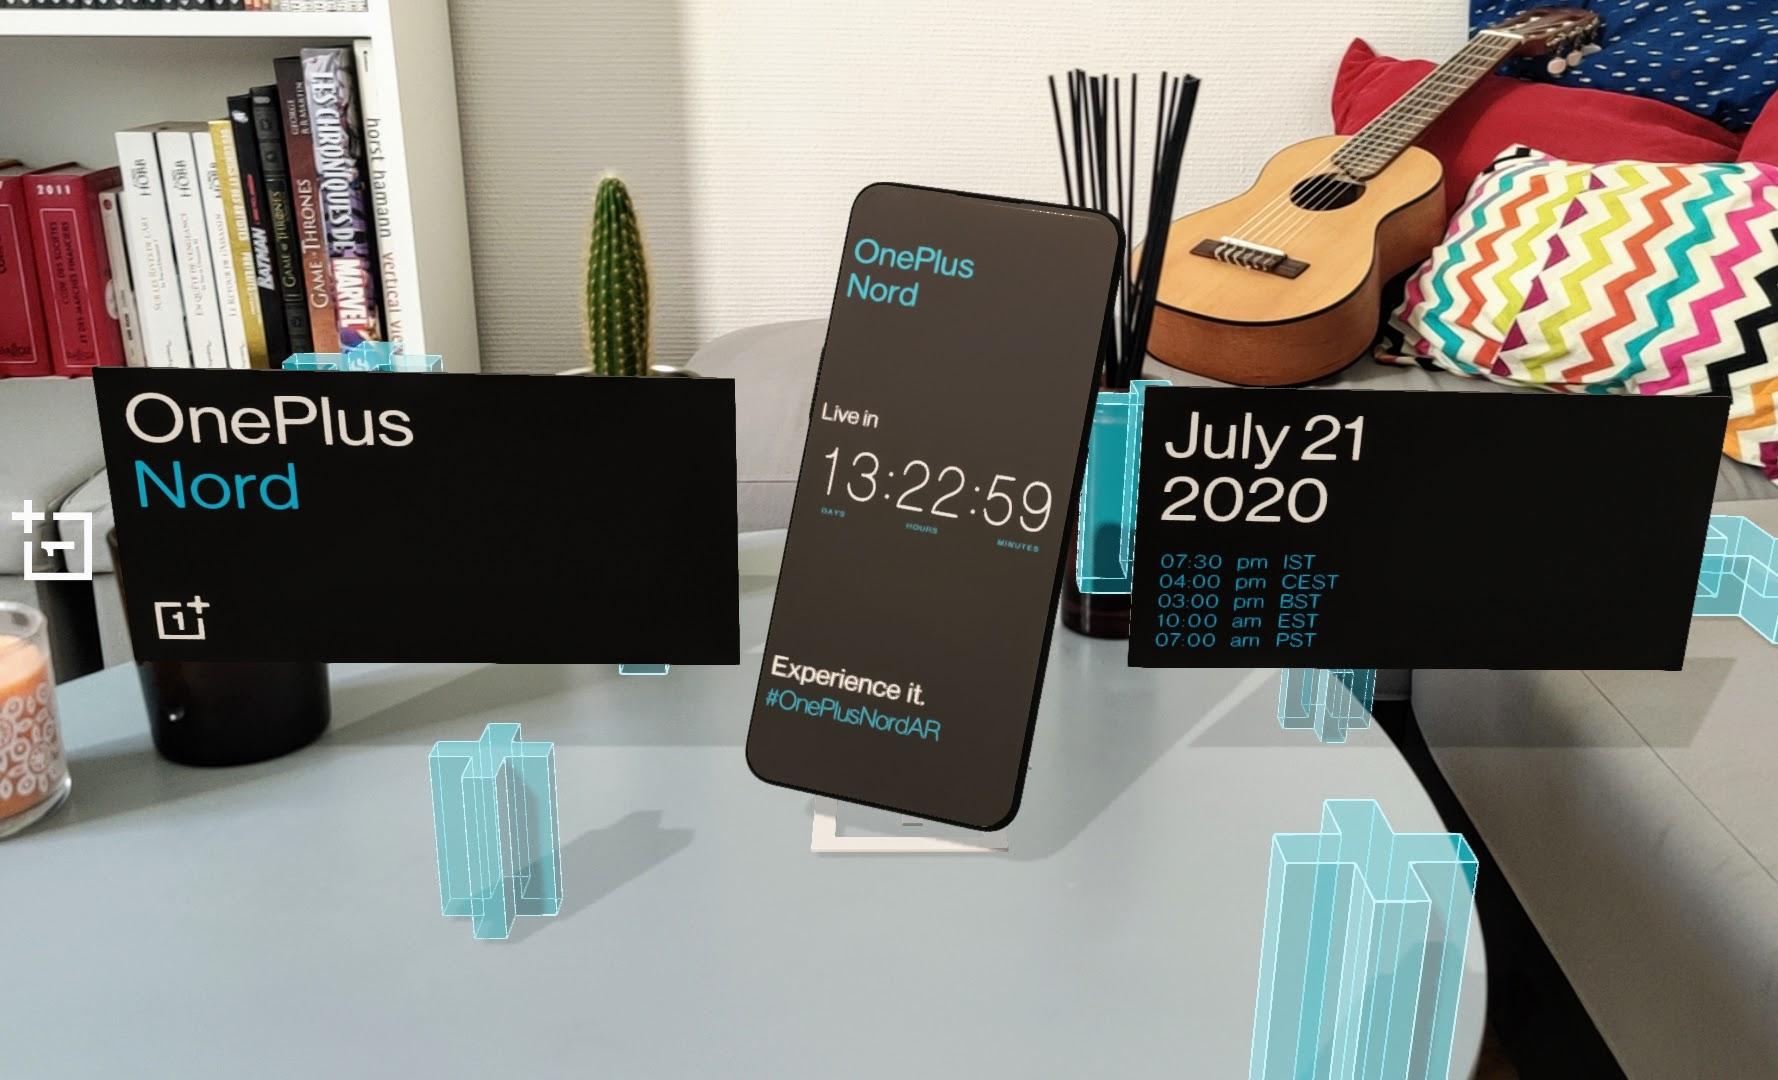 OnePlus Nord : voici l'application de réalité virtuelle pour suivre son lancement le 21 juillet